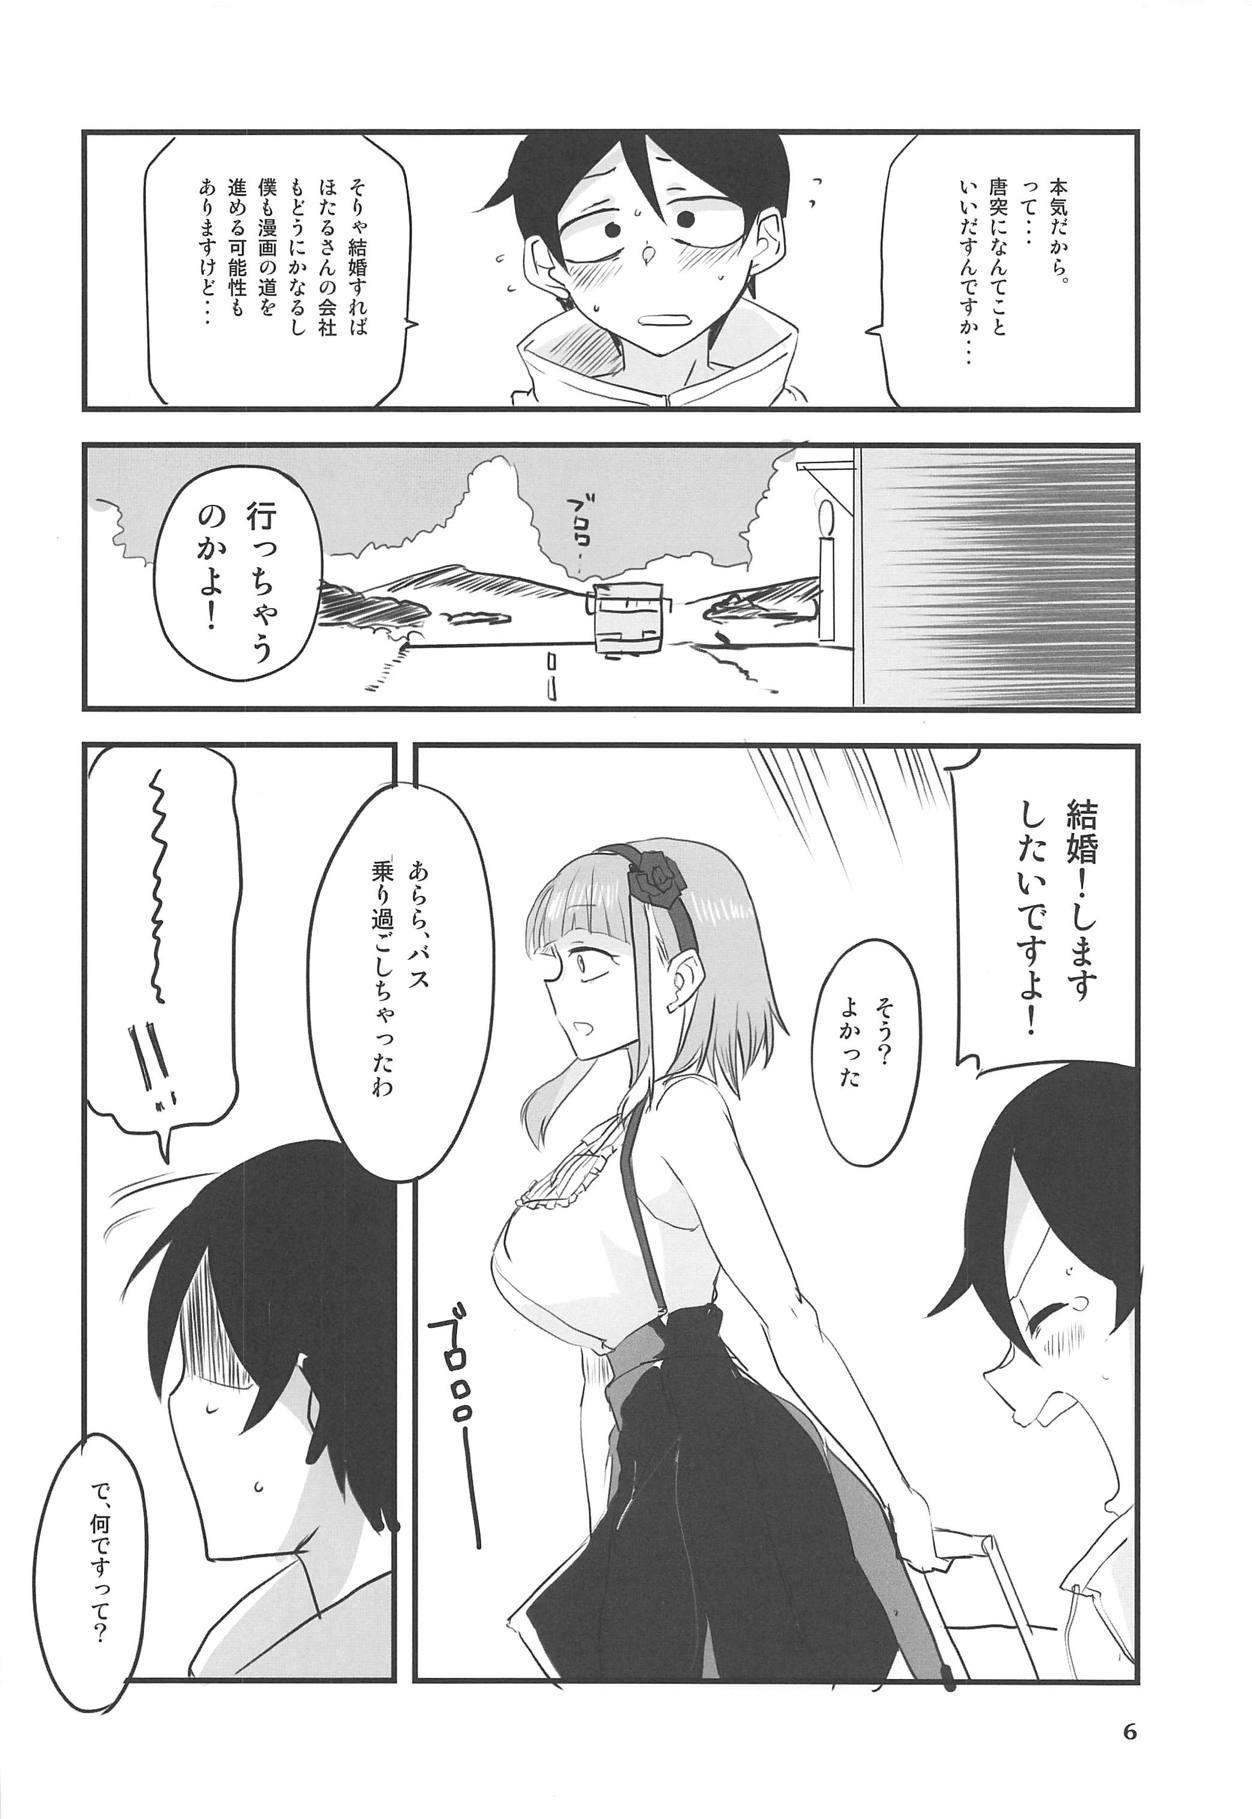 Dagashi Chichi 9 4